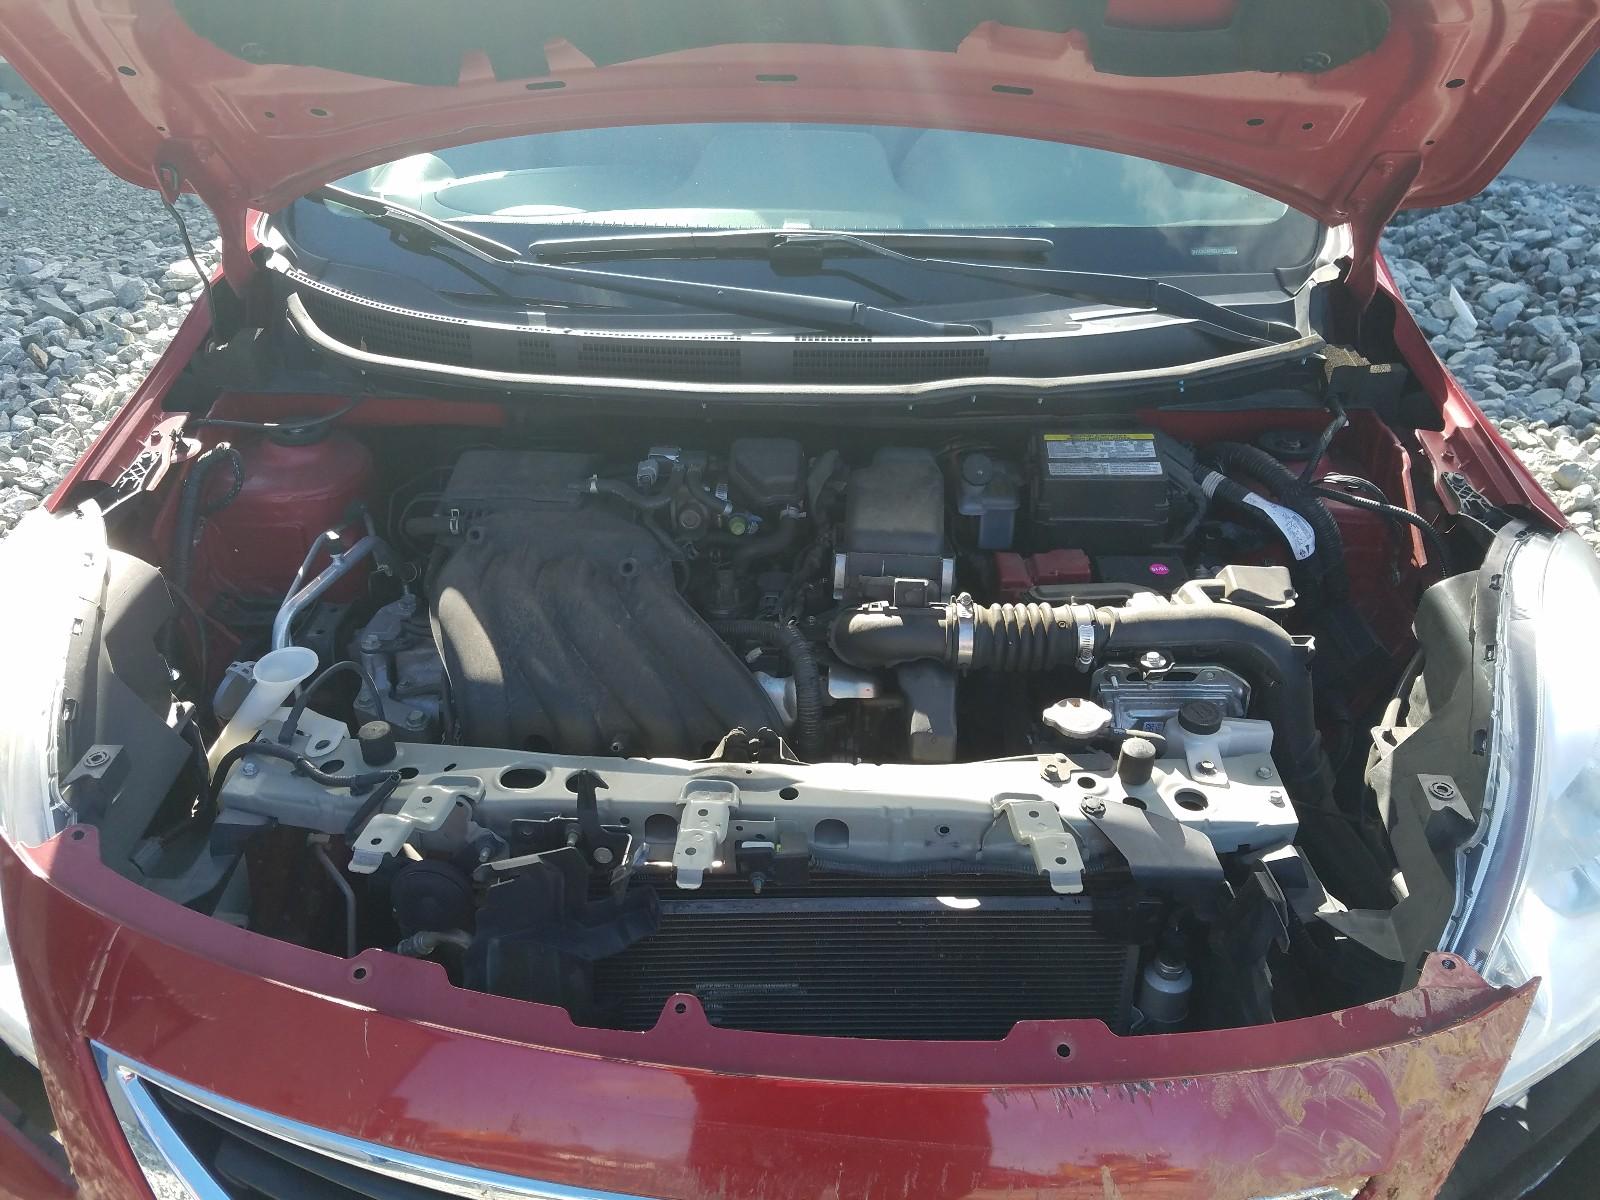 3N1CN7AP8EL805969 - 2014 Nissan Versa S 1.6L inside view